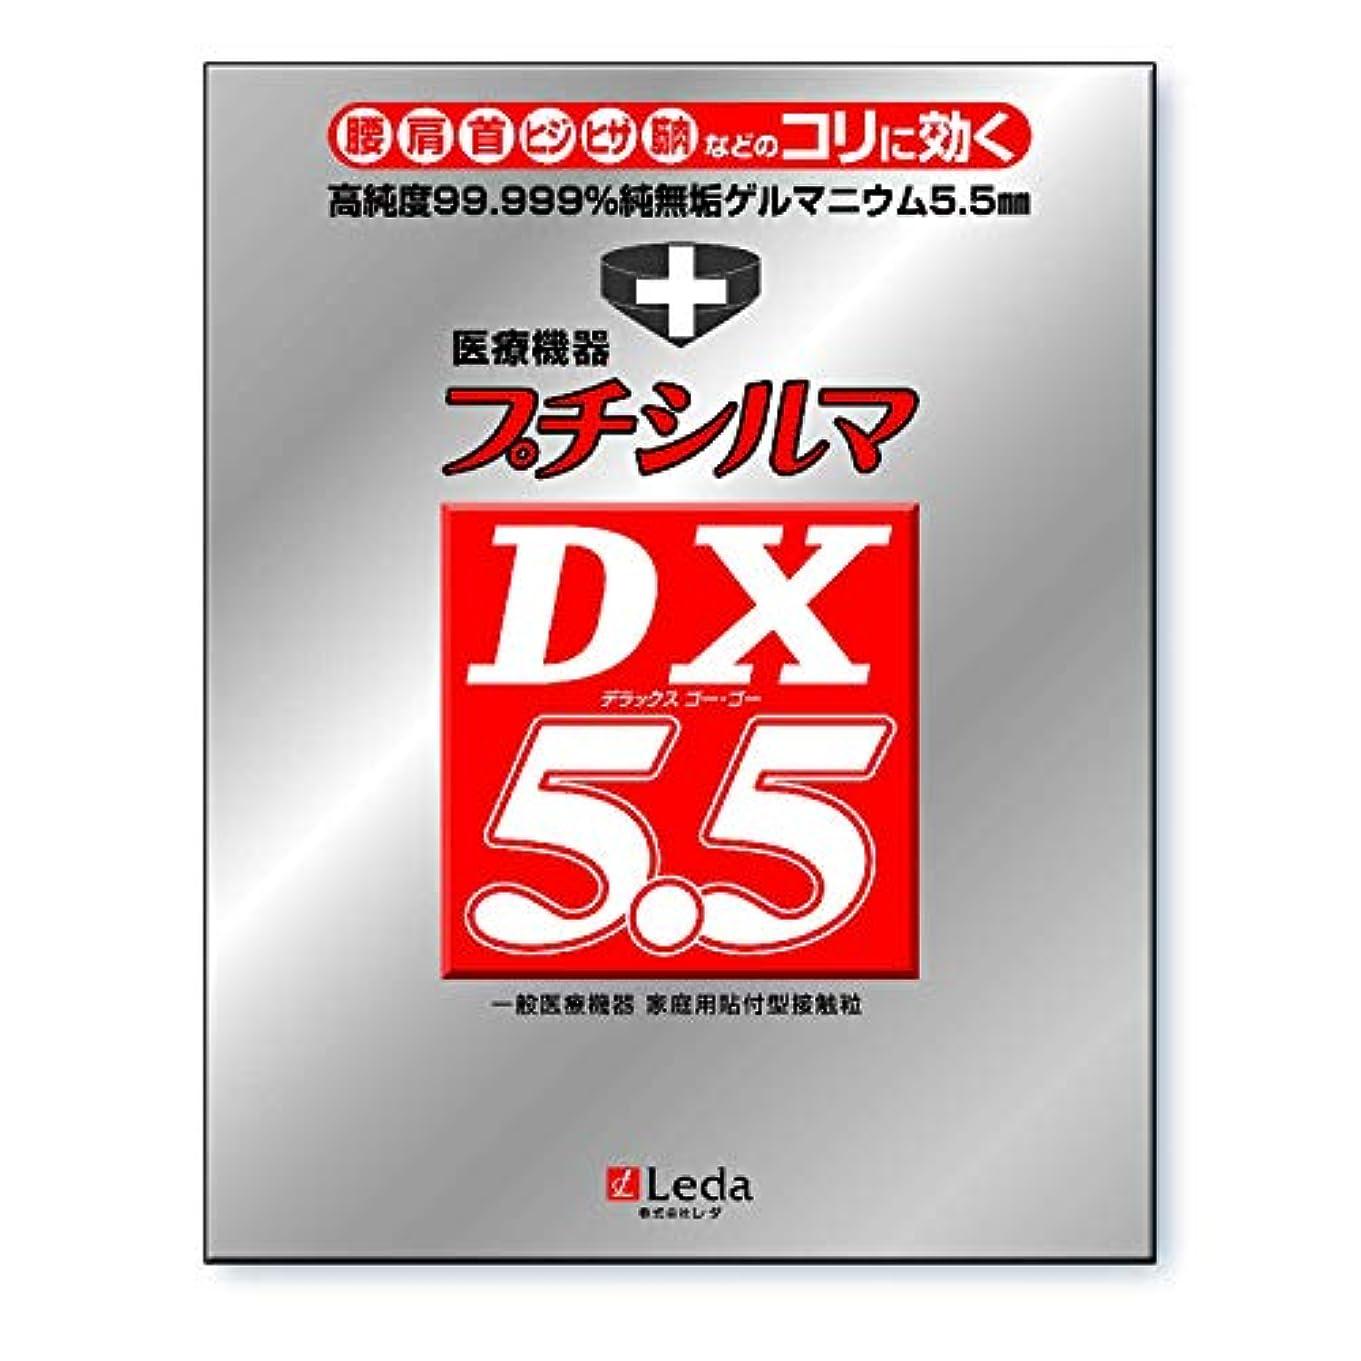 想定する想定する肉屋プチシルマDX 5.5 お徳用替えプラスター200枚付き